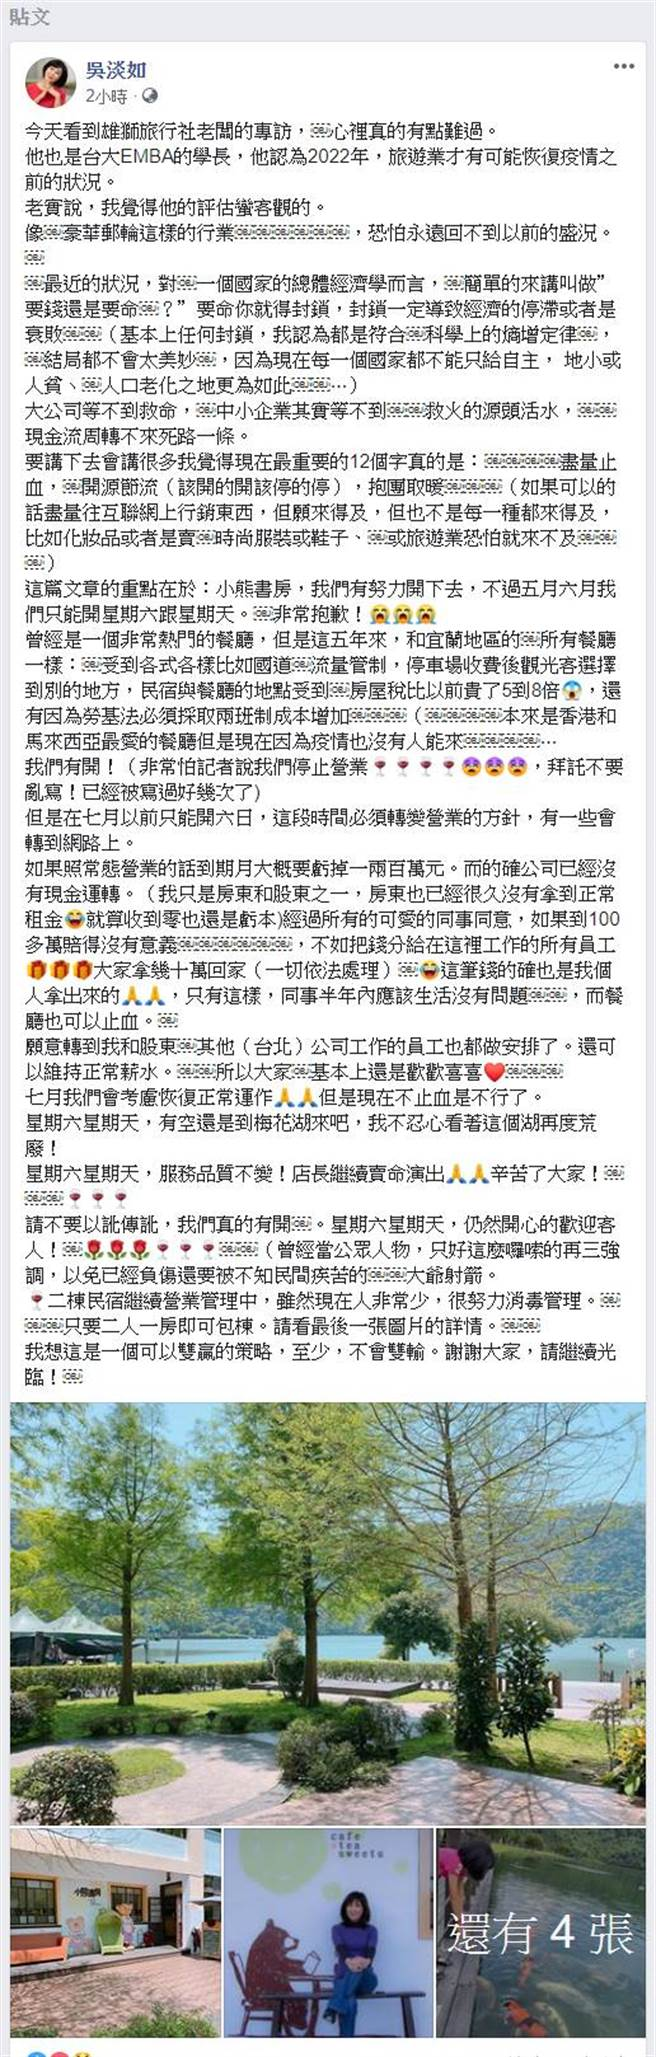 吳淡如臉書全文。(圖/取材自吳淡如臉書)